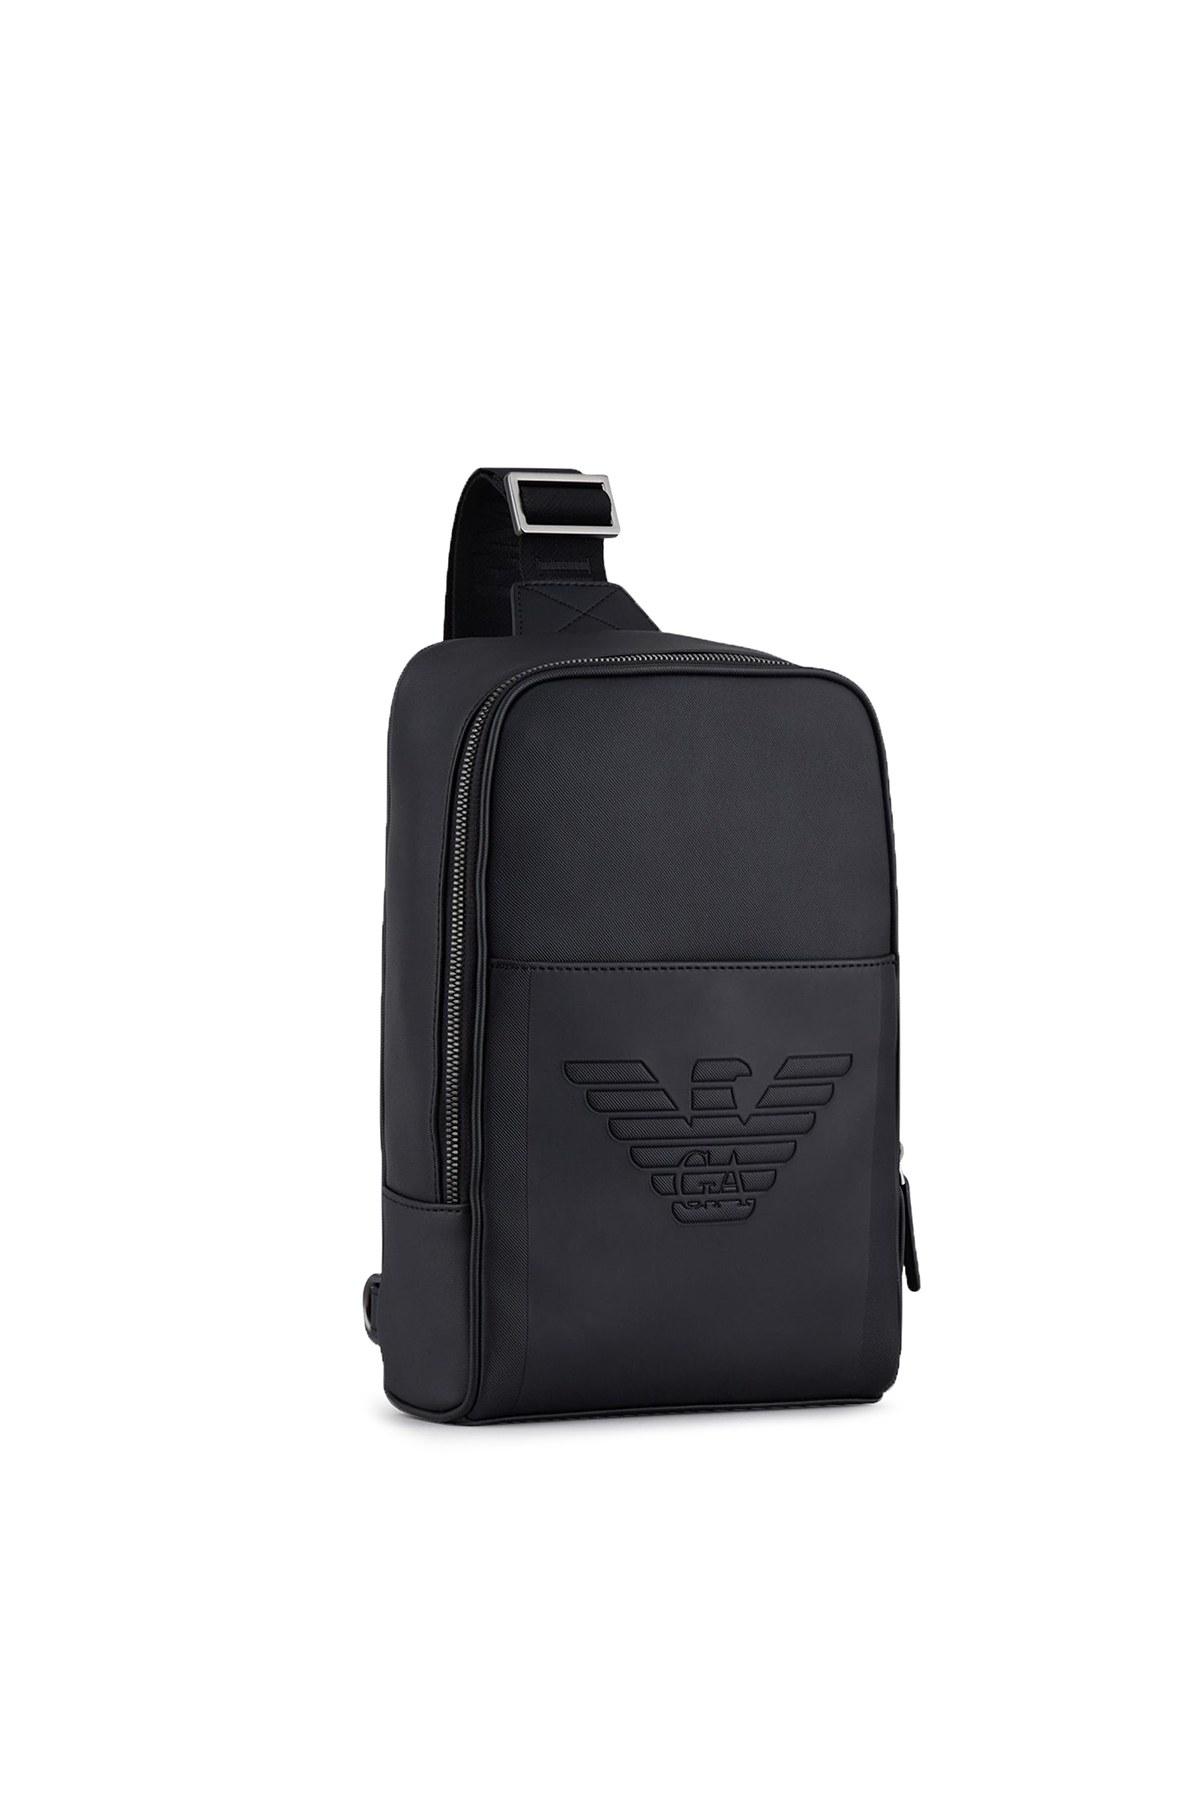 Emporio Armani Logo Baskılı Ayarlabilir Askılı Erkek Çanta Y4O218 YFE6J 81072 SİYAH